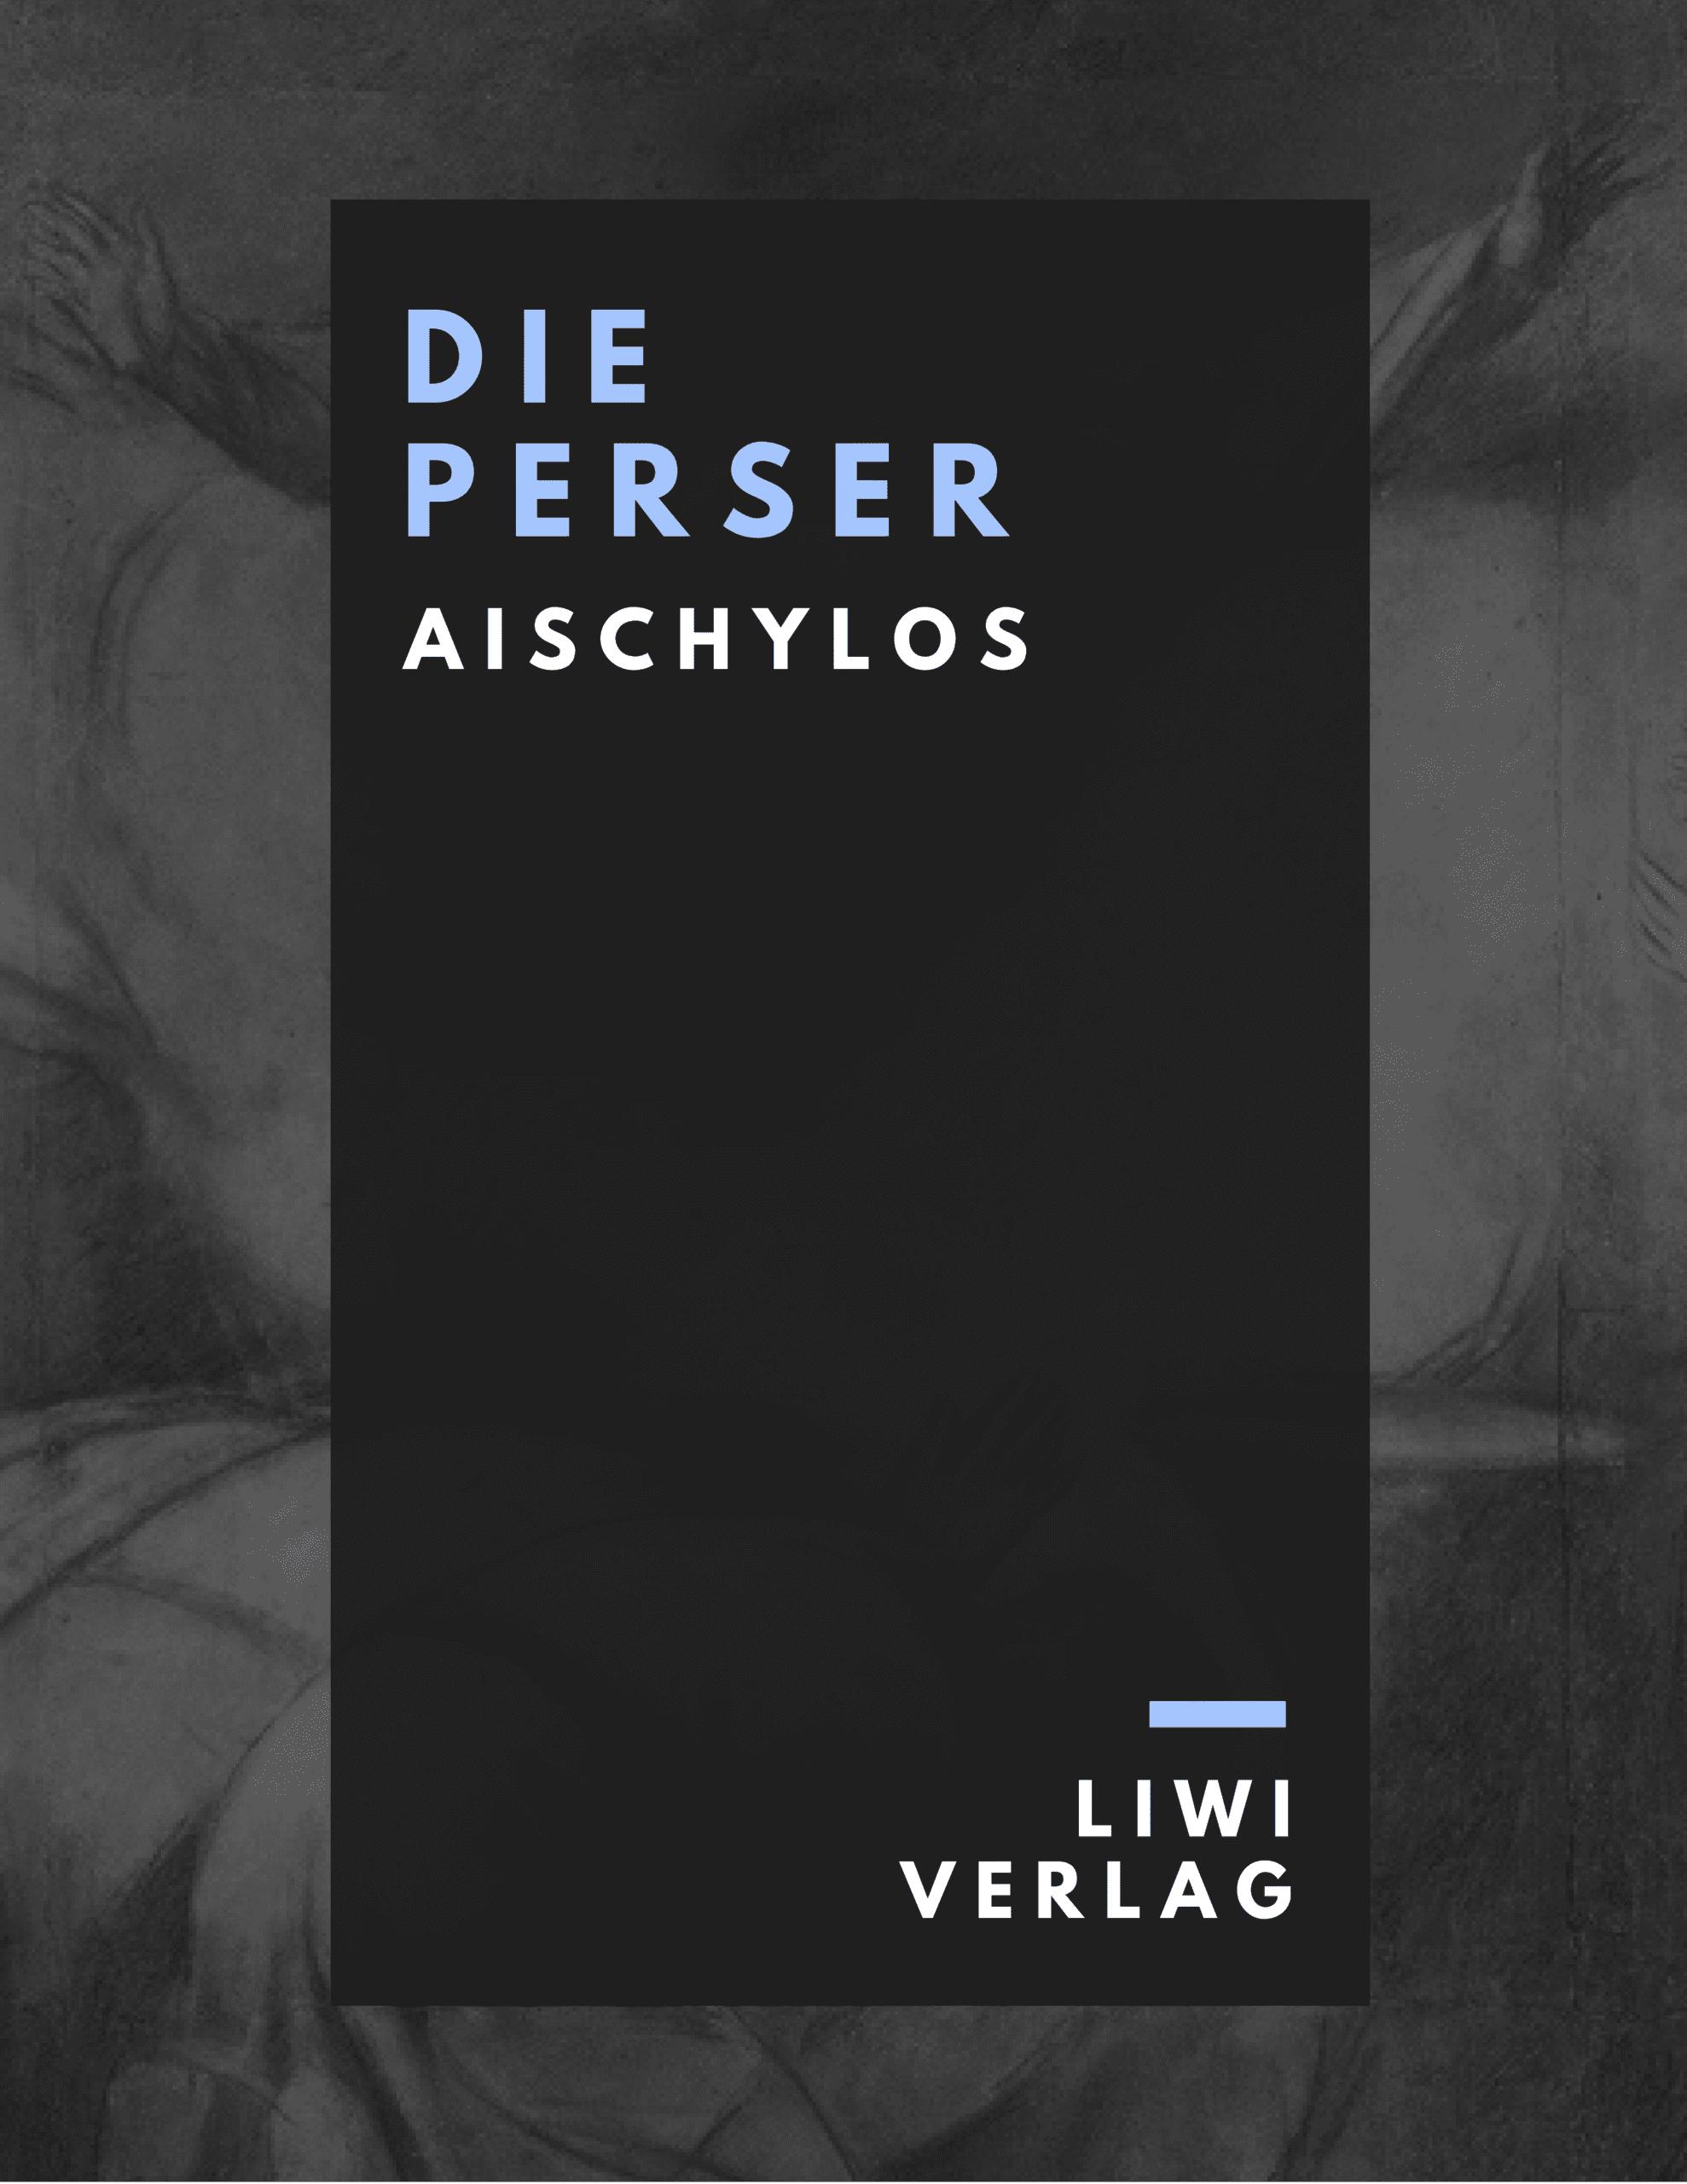 Aischylos - Die Perser